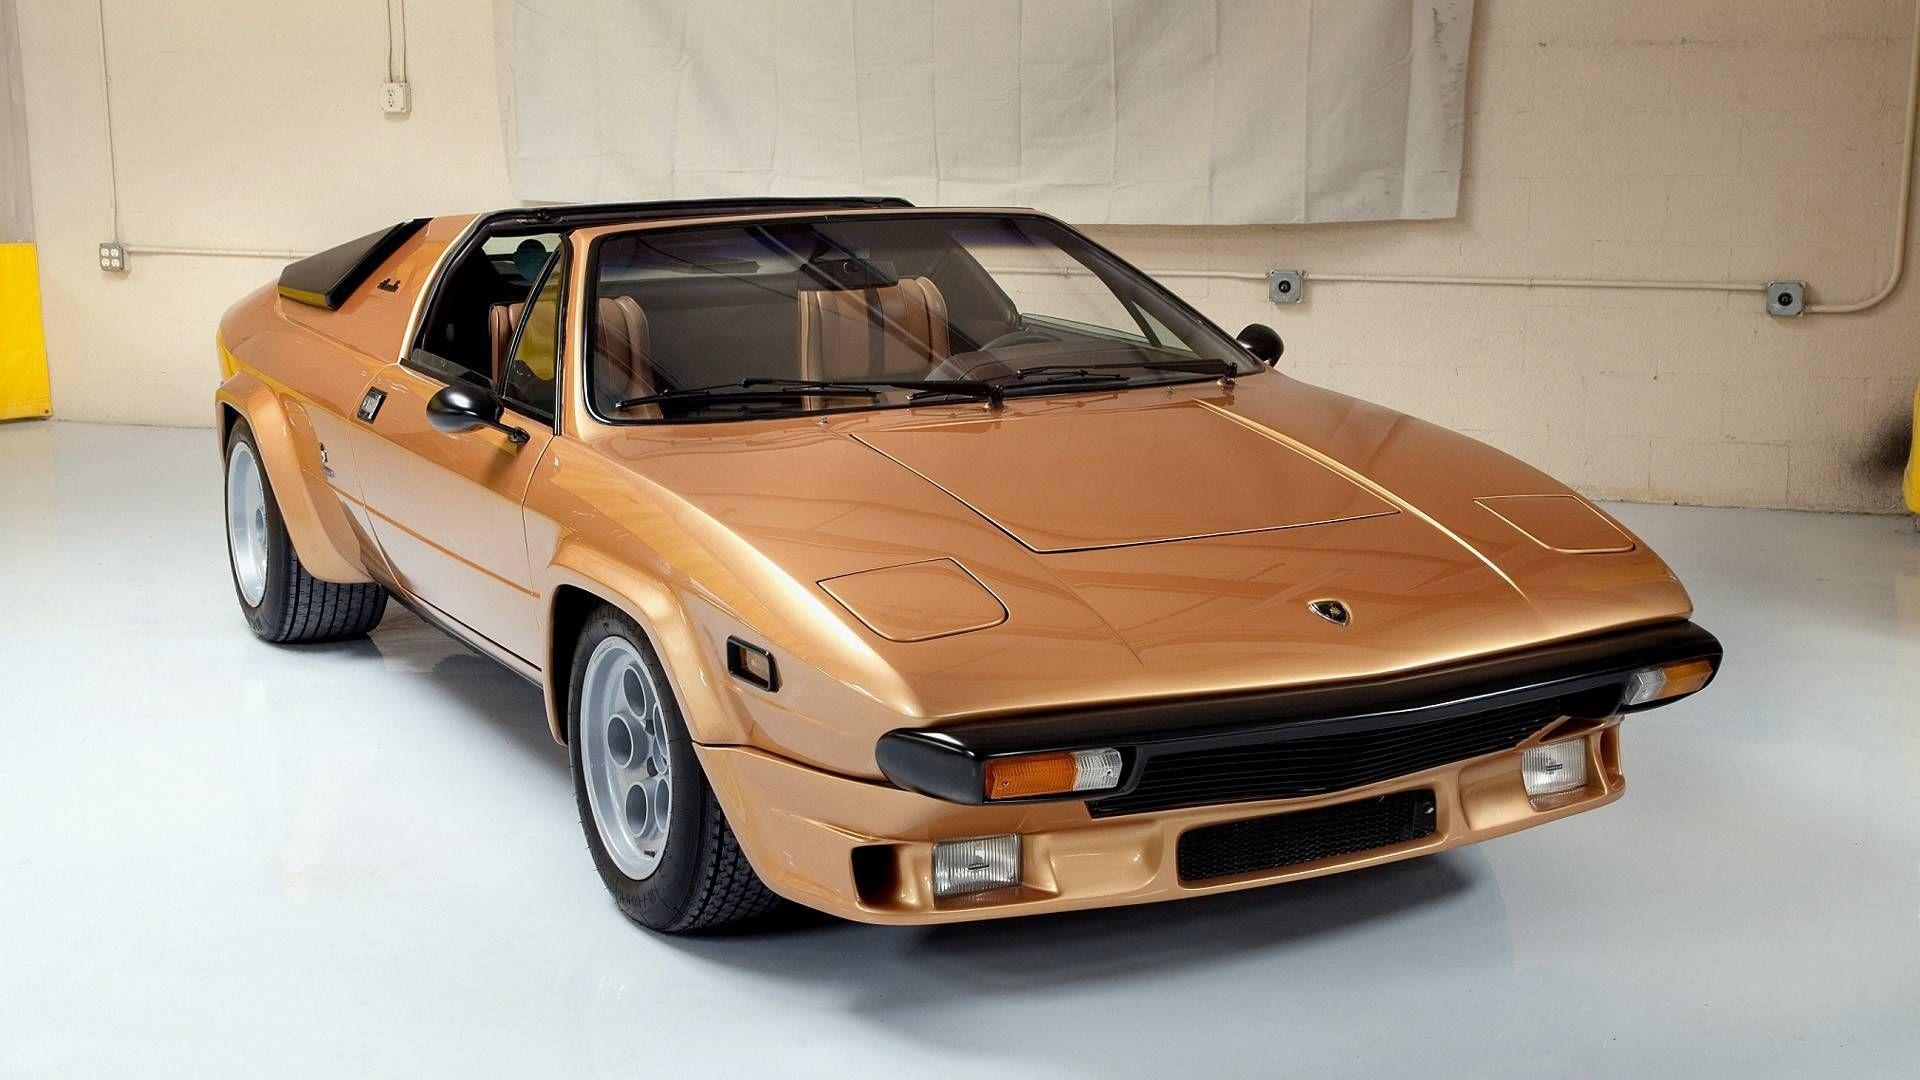 Vintage Cars Lamborghini Rides Pinterest Lamborghini And Cars